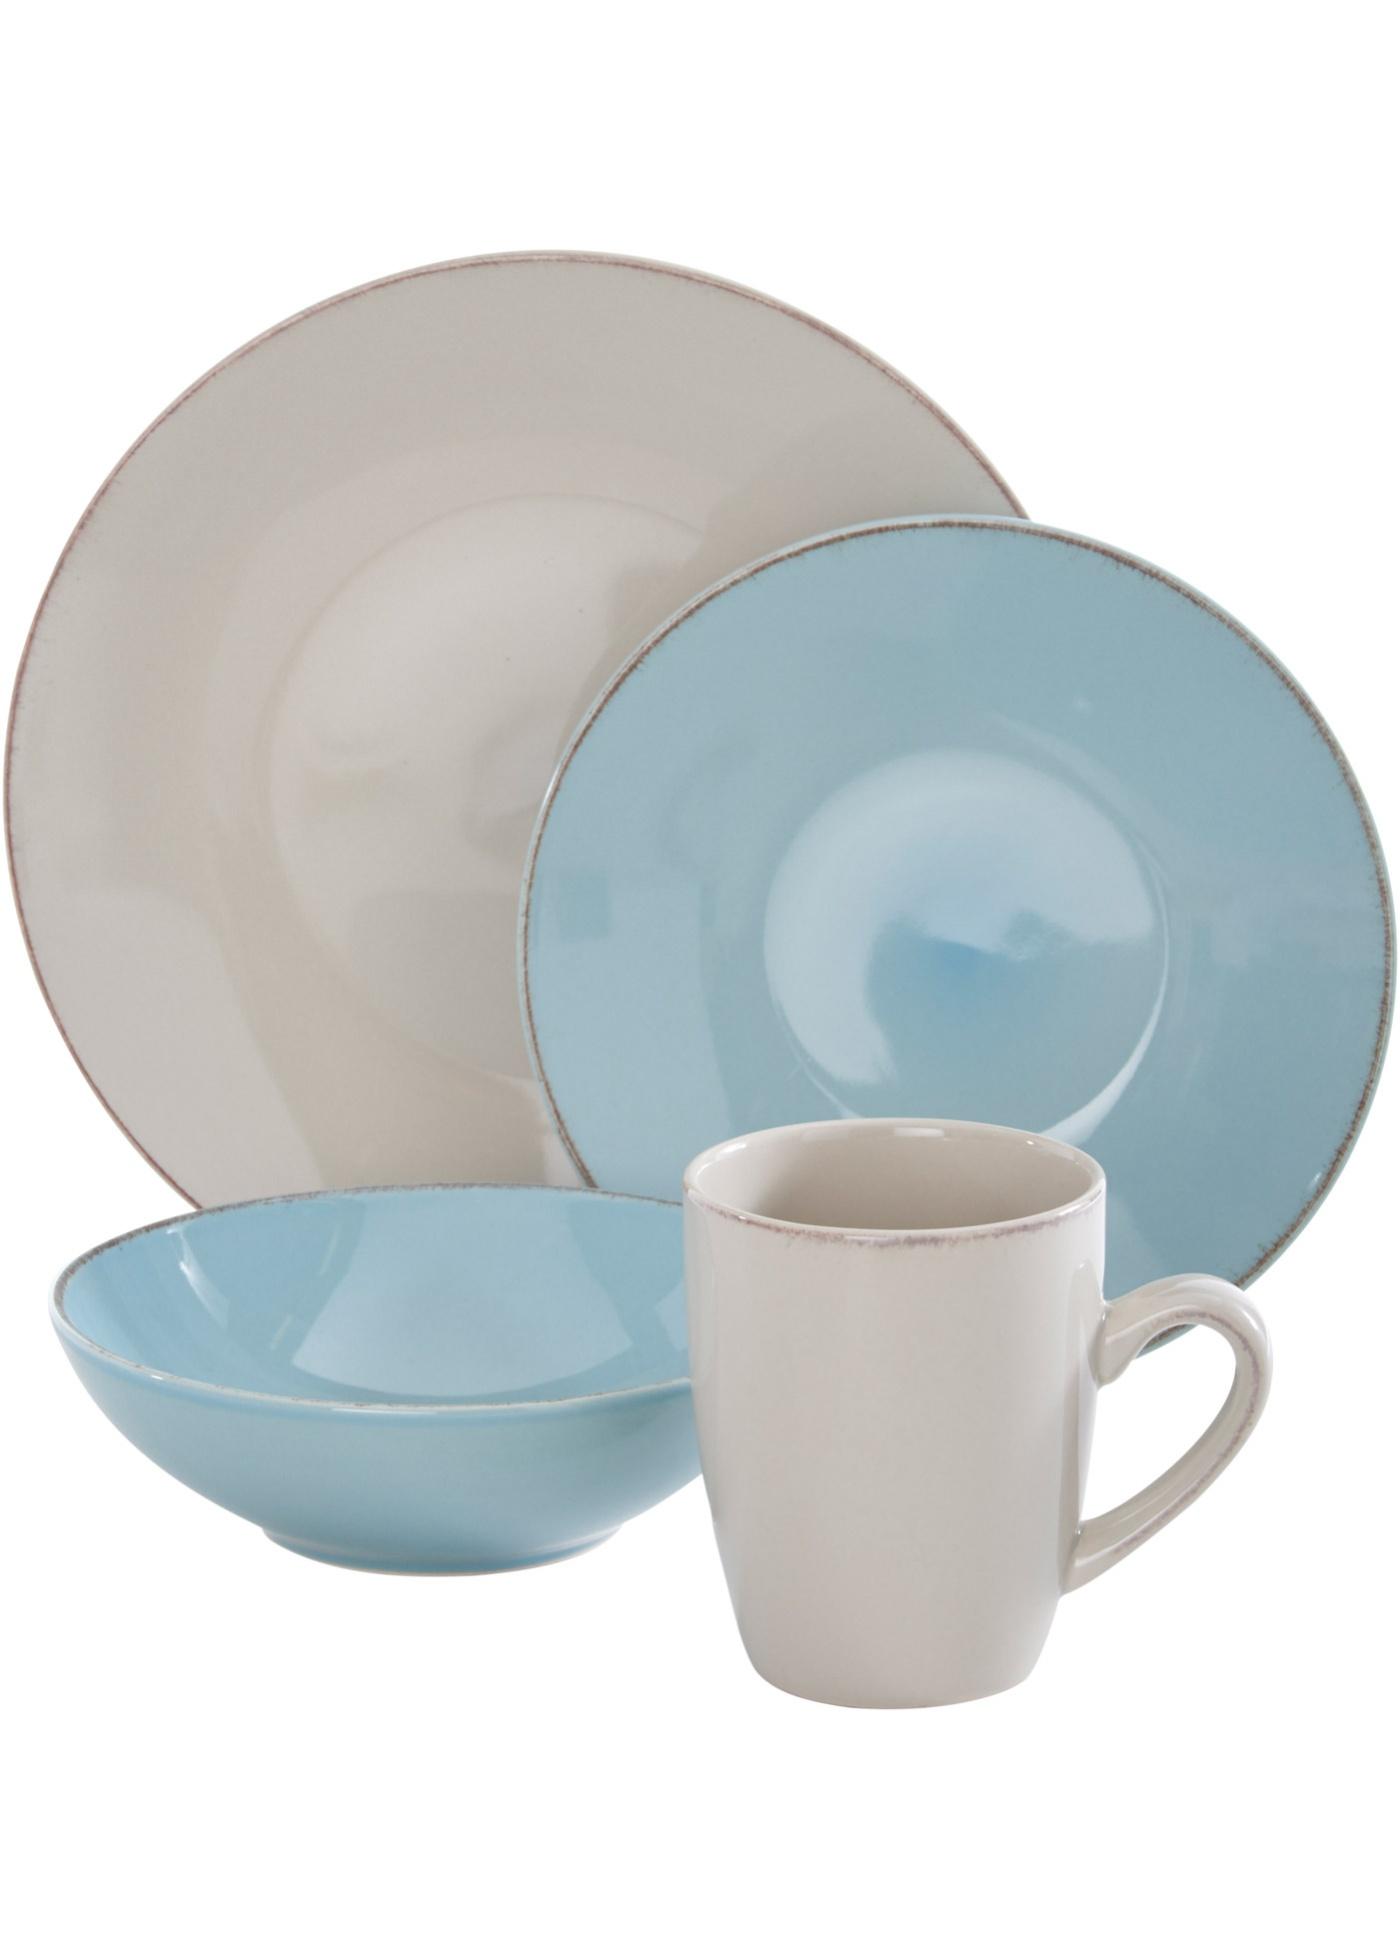 Vaisselle décor vintage (Ens. 16 pces.)